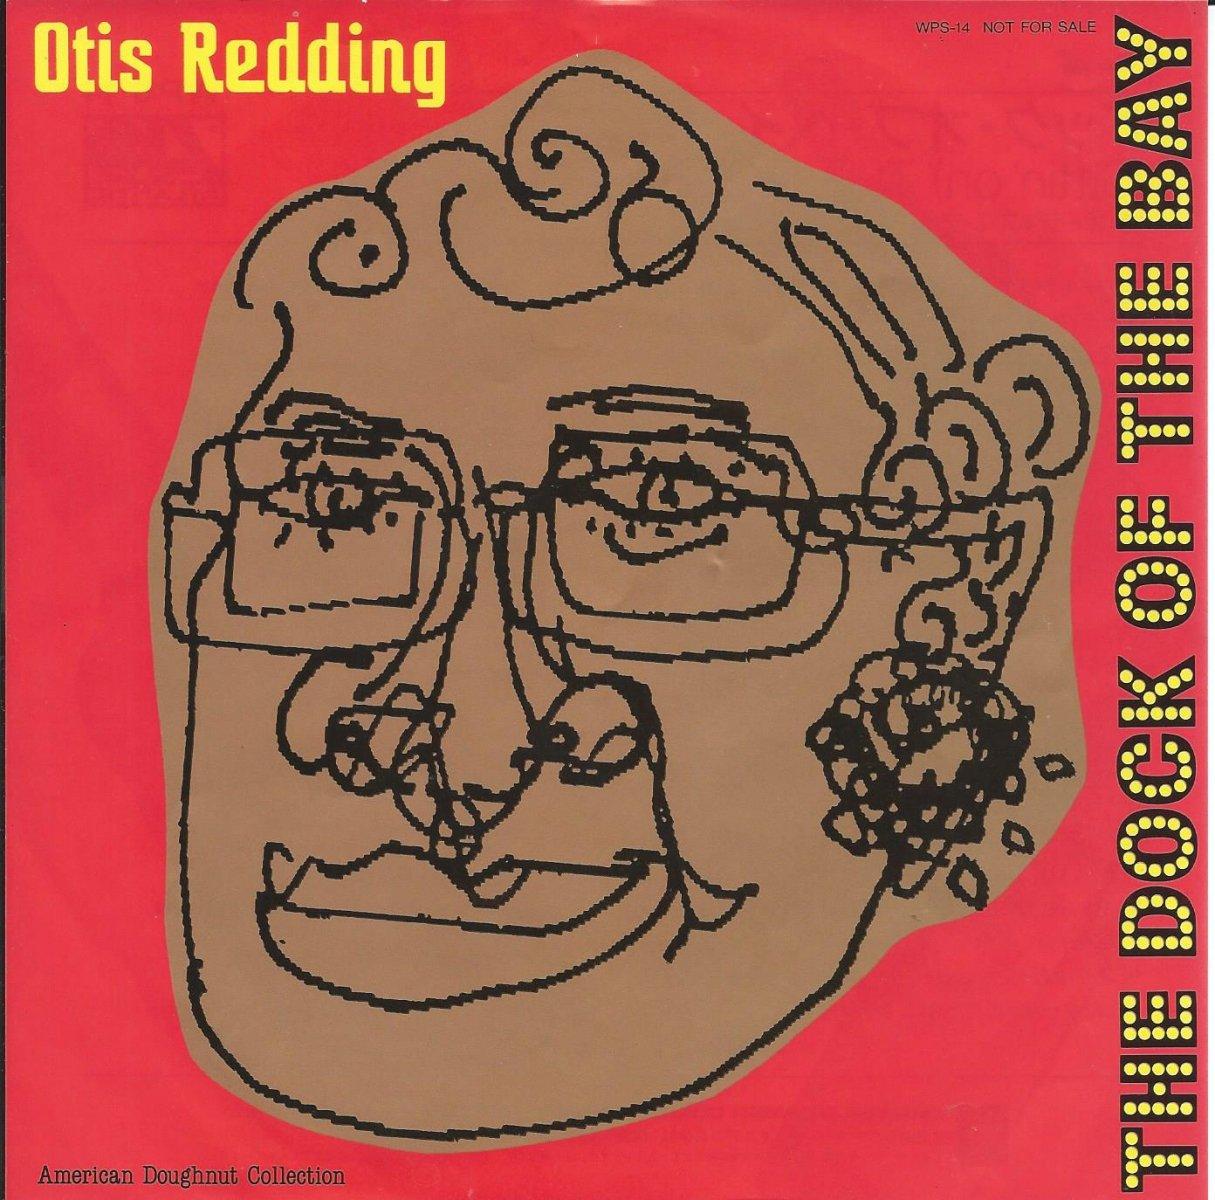 オーティス・レディング OTIS REDDING / ドック・オブ・ベイ (SITTIN' ON) THE DOCK OF THE BAY (7